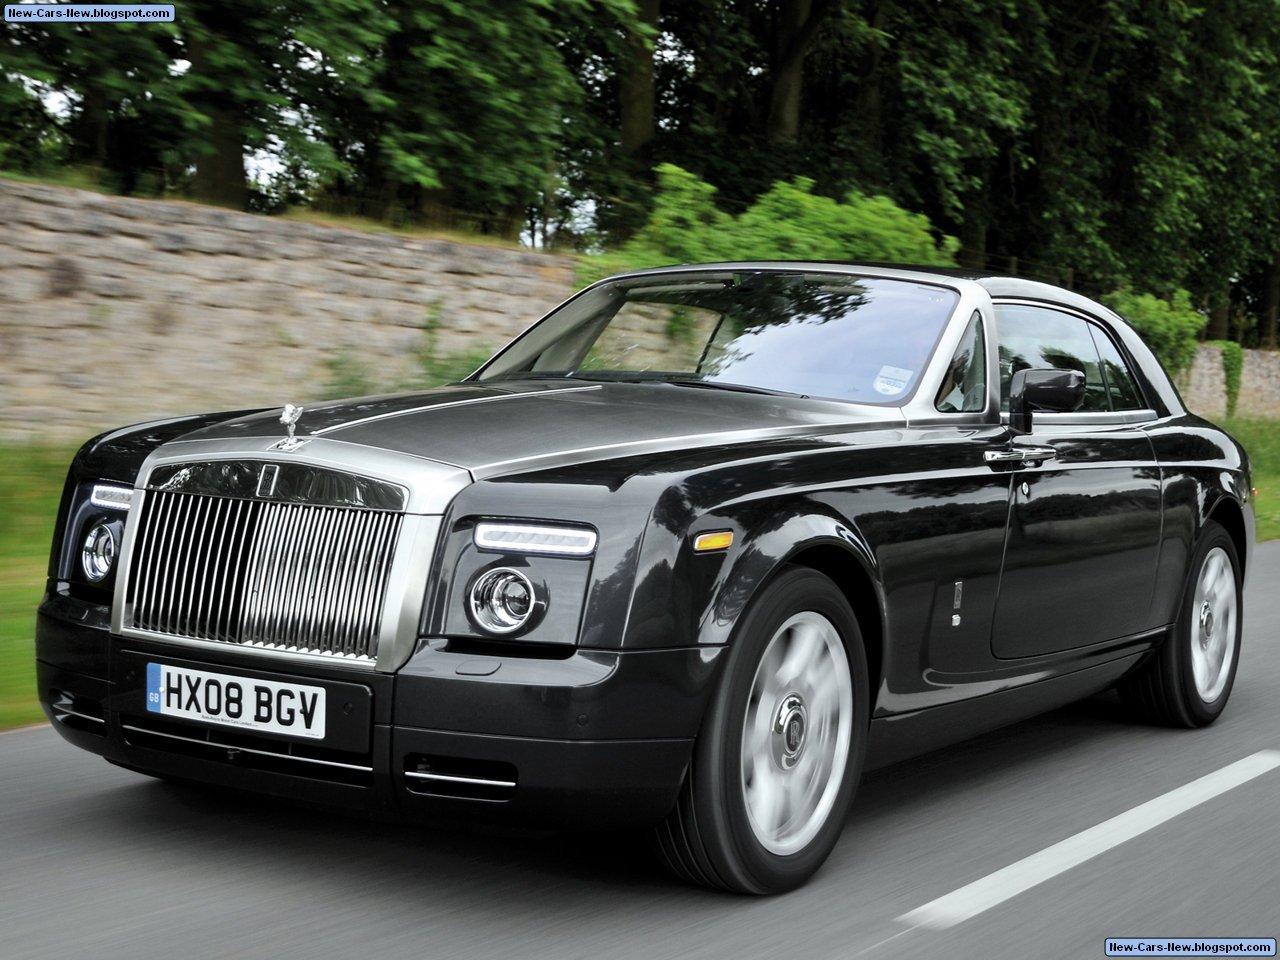 Rollsroyce Phantom Coupe (2009